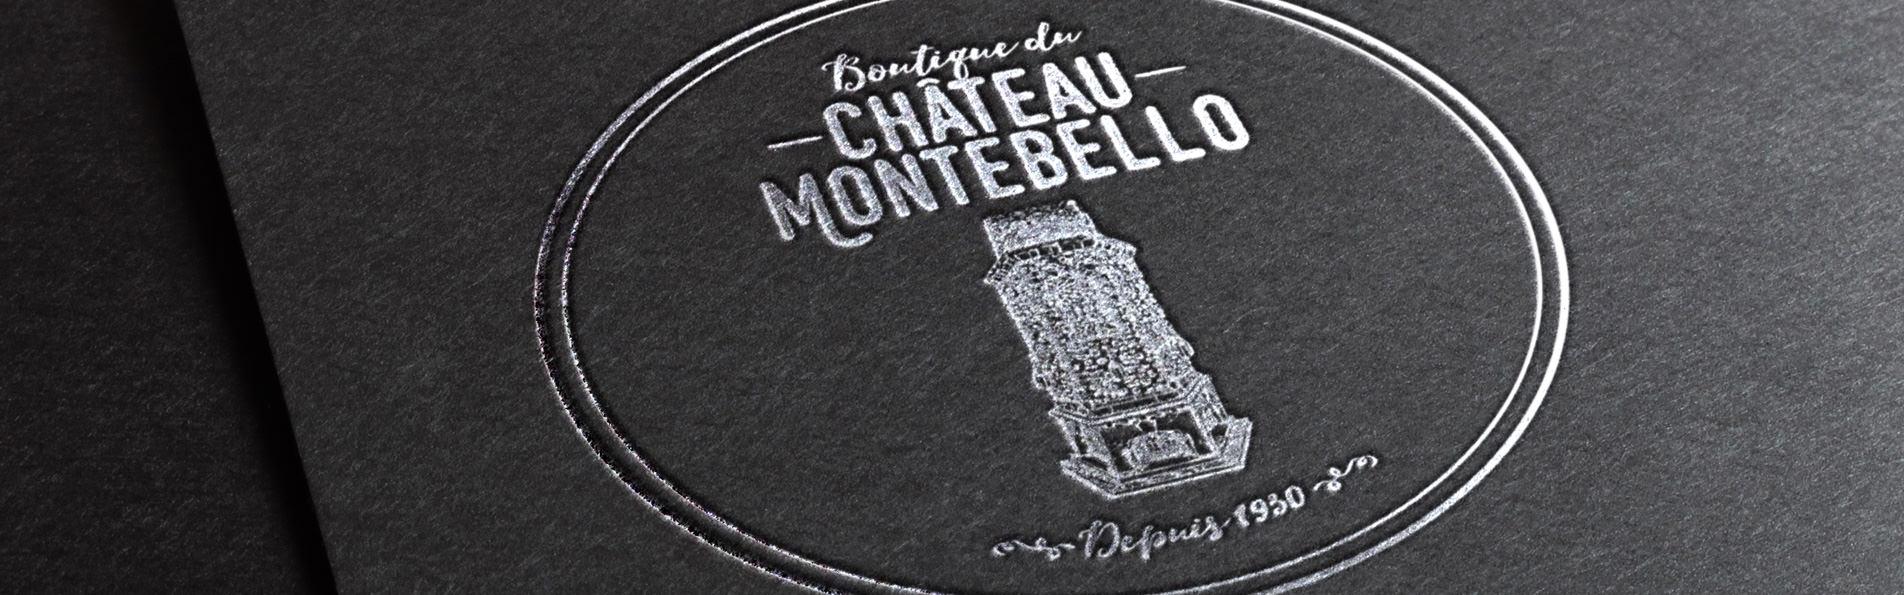 fairmont-boutique-chateau-montebello-02